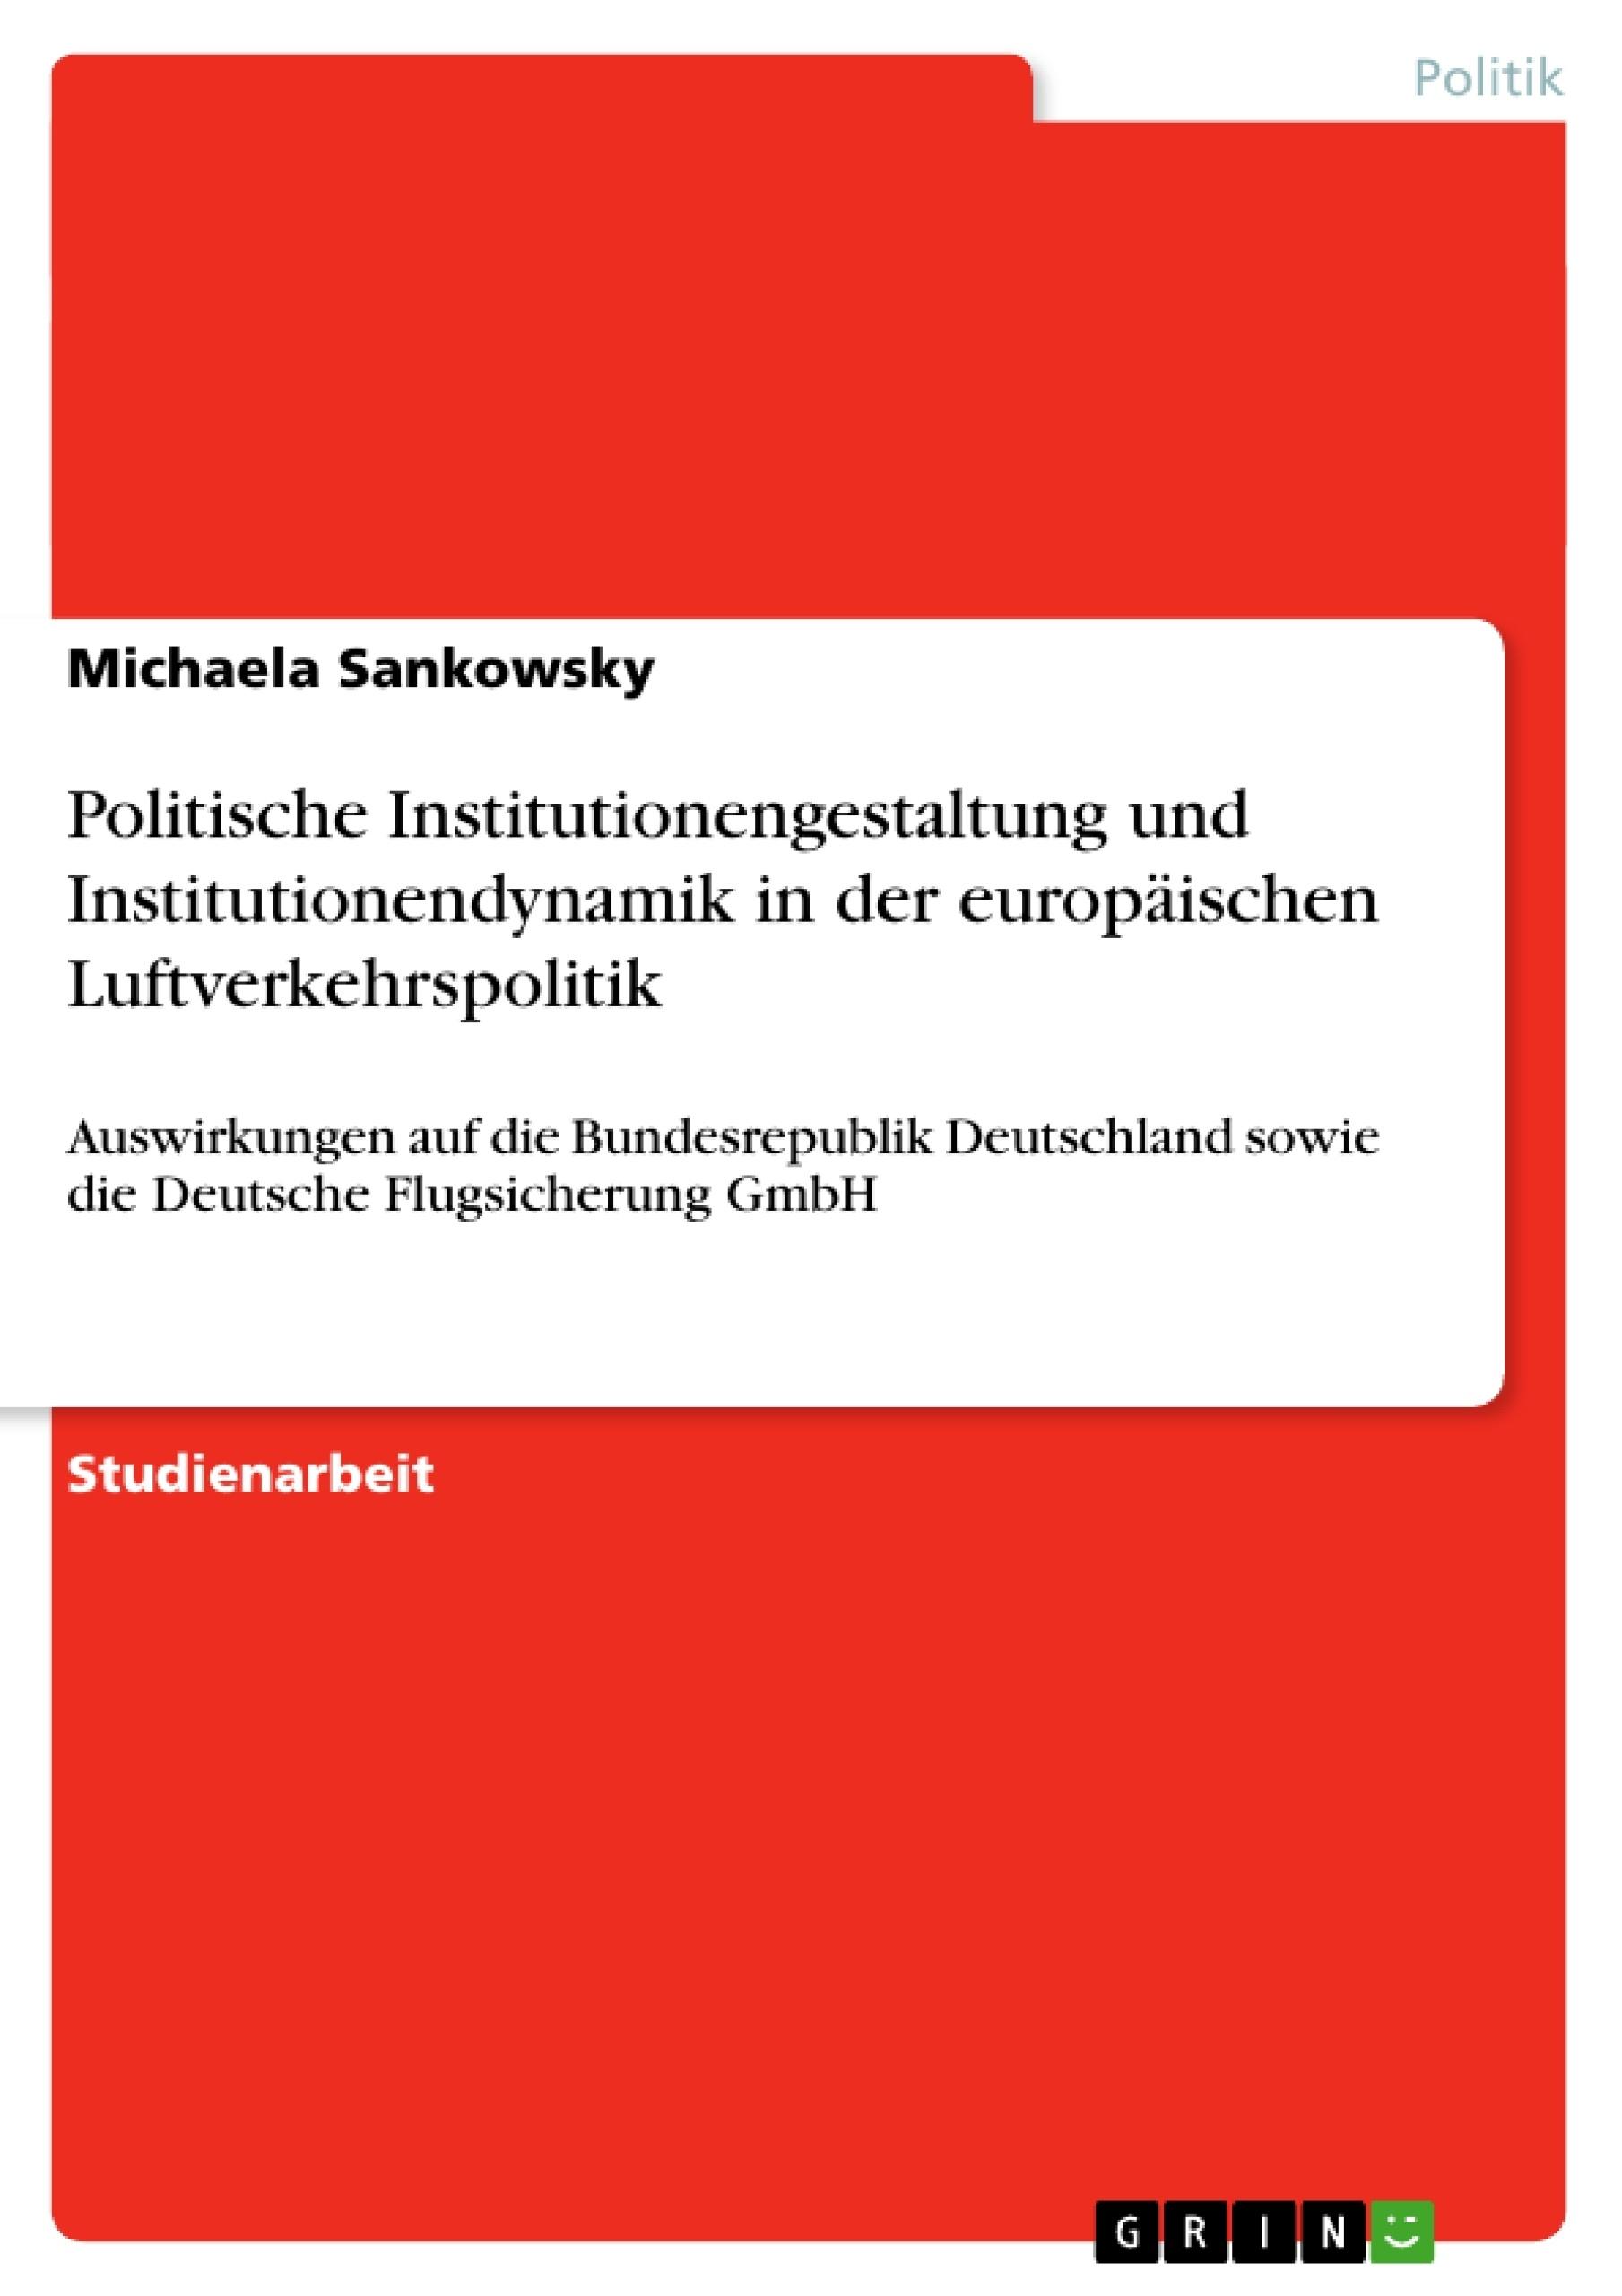 Titel: Politische Institutionengestaltung und Institutionendynamik in der europäischen Luftverkehrspolitik